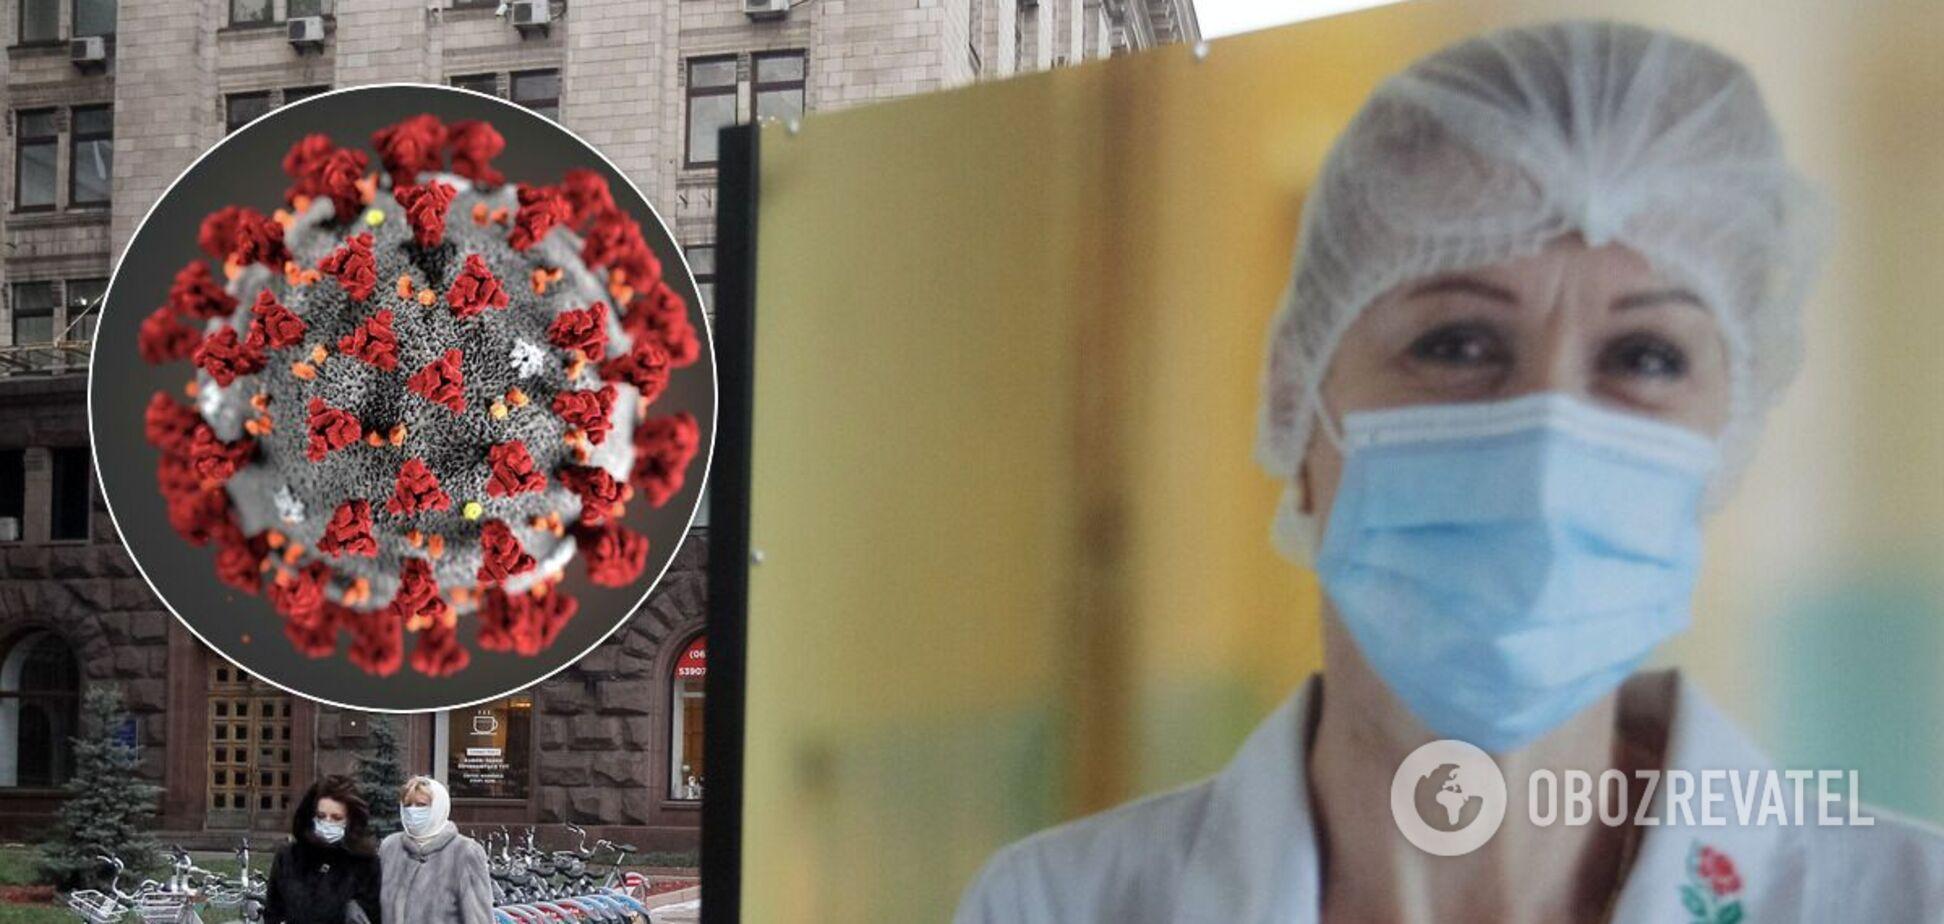 Епідемія коронавірусу в Україні може піти за двома сценаріями